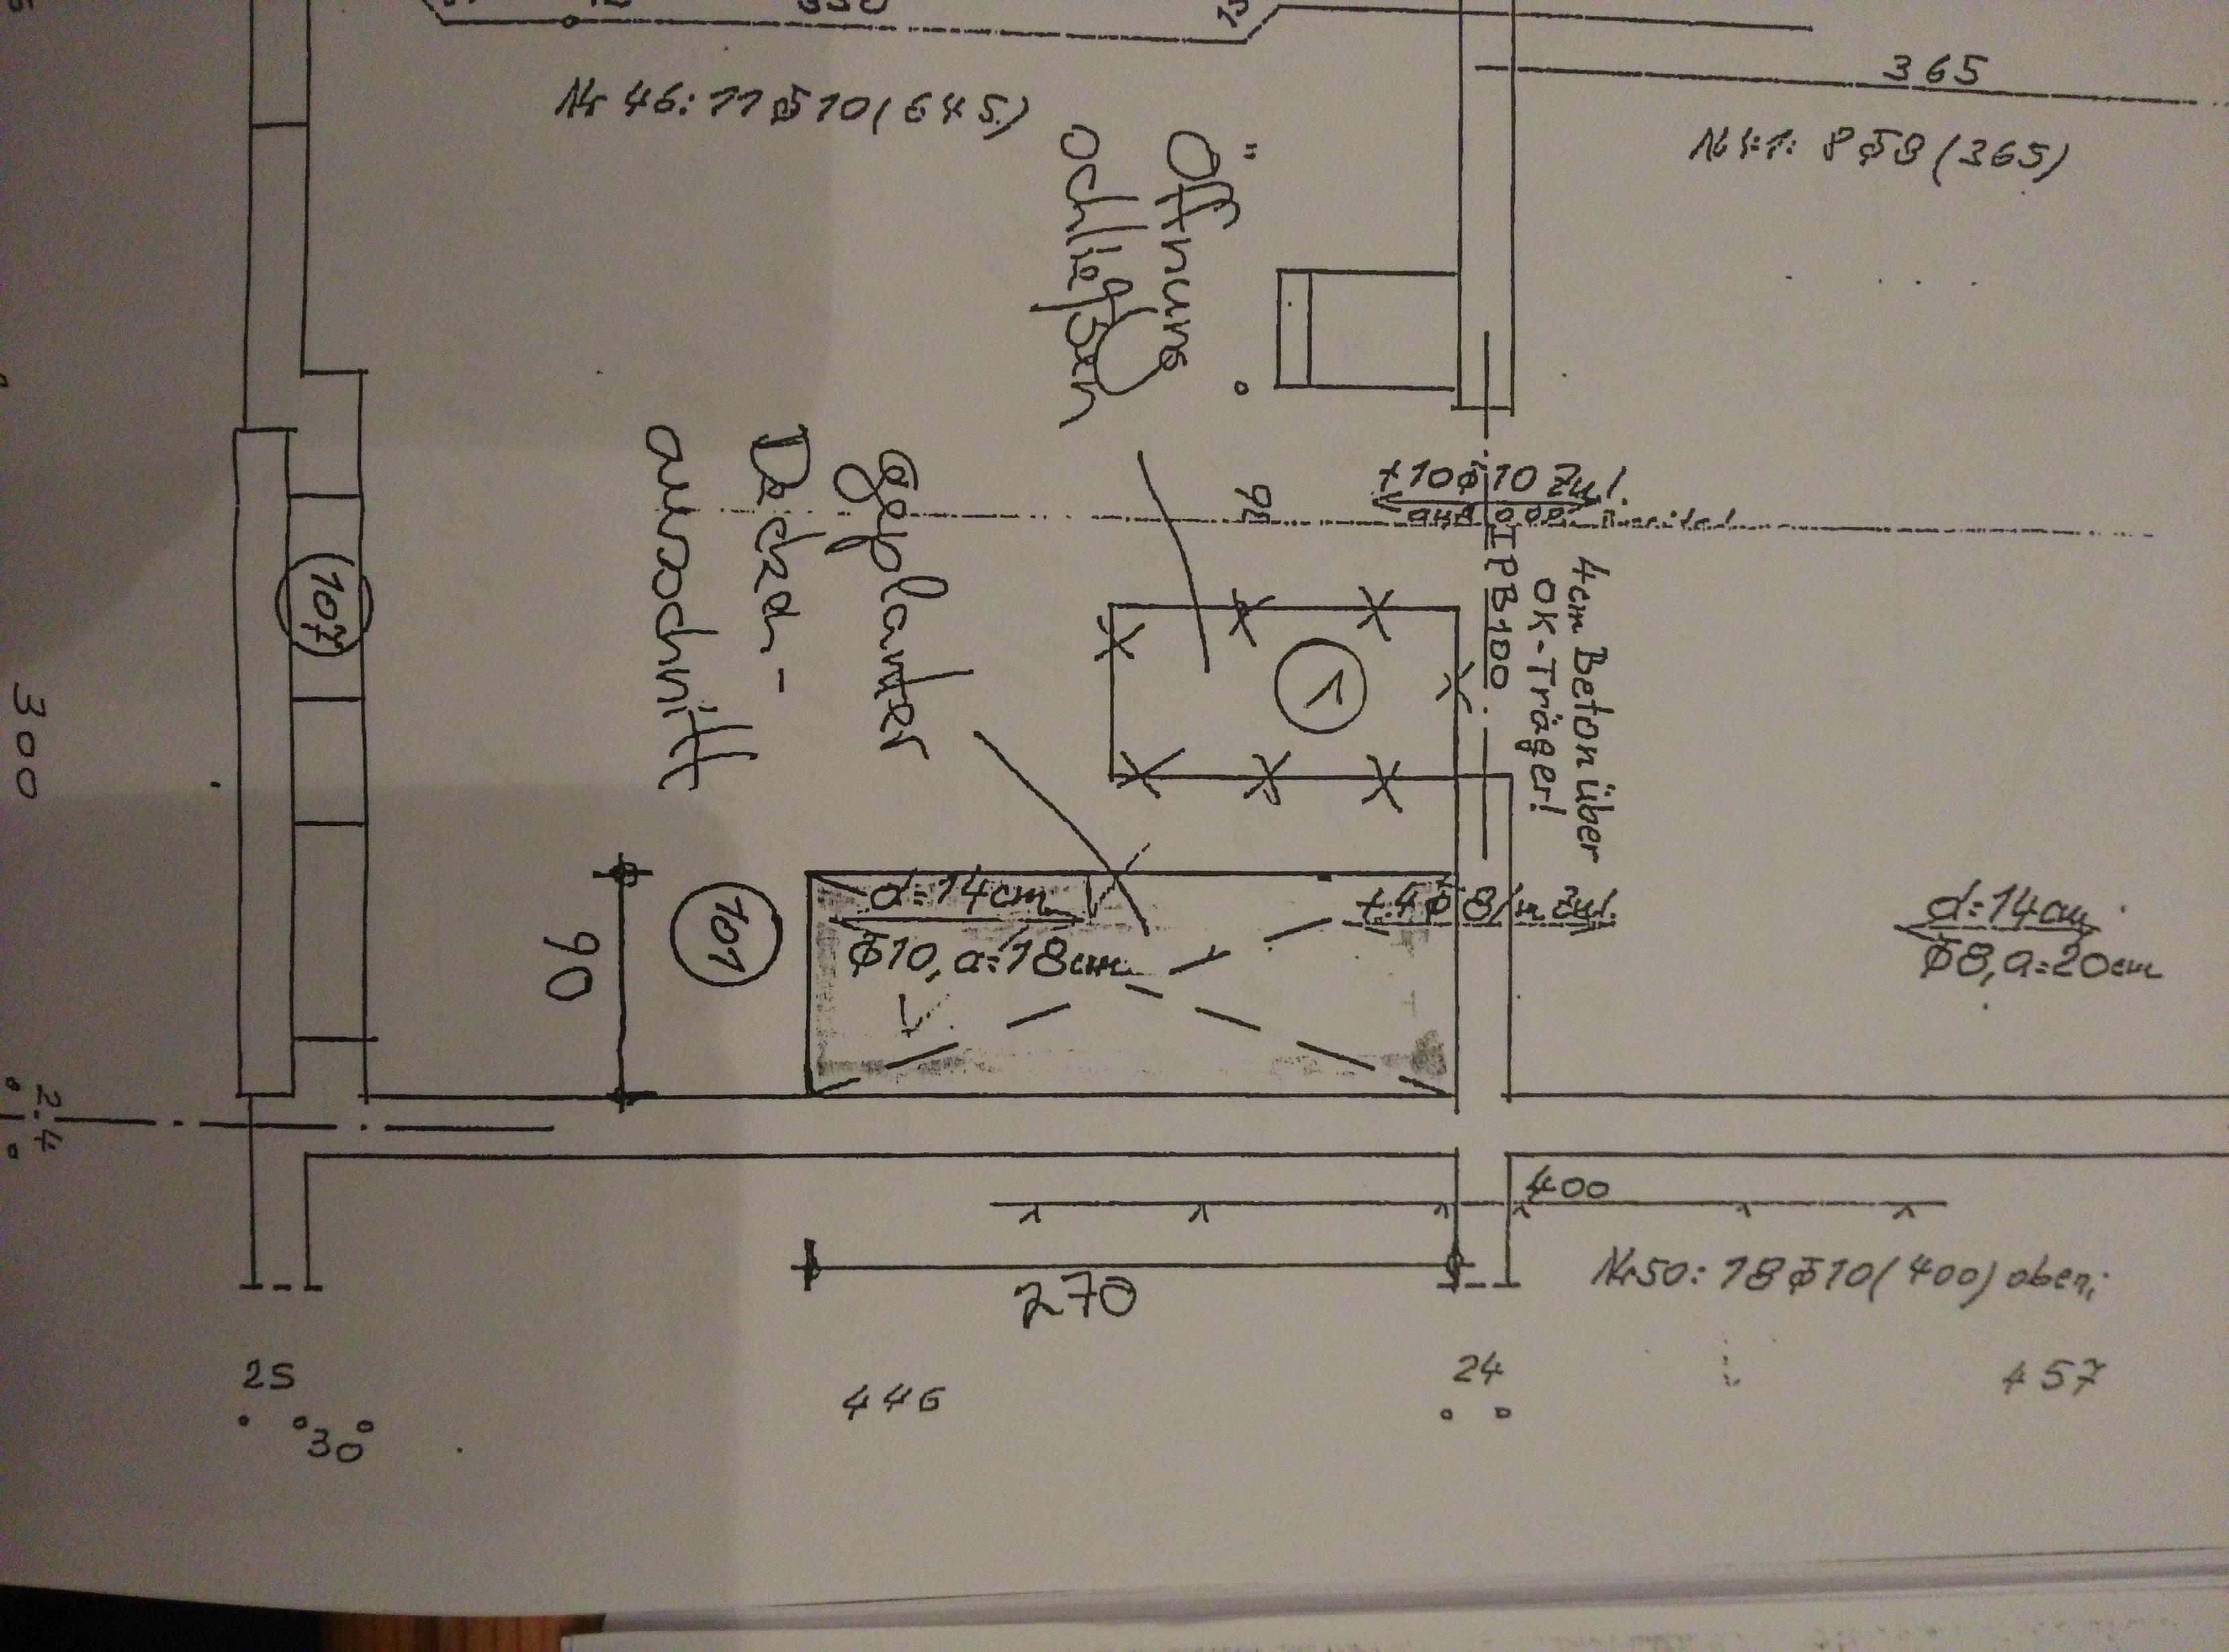 stahltr ger einbauen zwischen 2 tragende w nde wer weiss. Black Bedroom Furniture Sets. Home Design Ideas